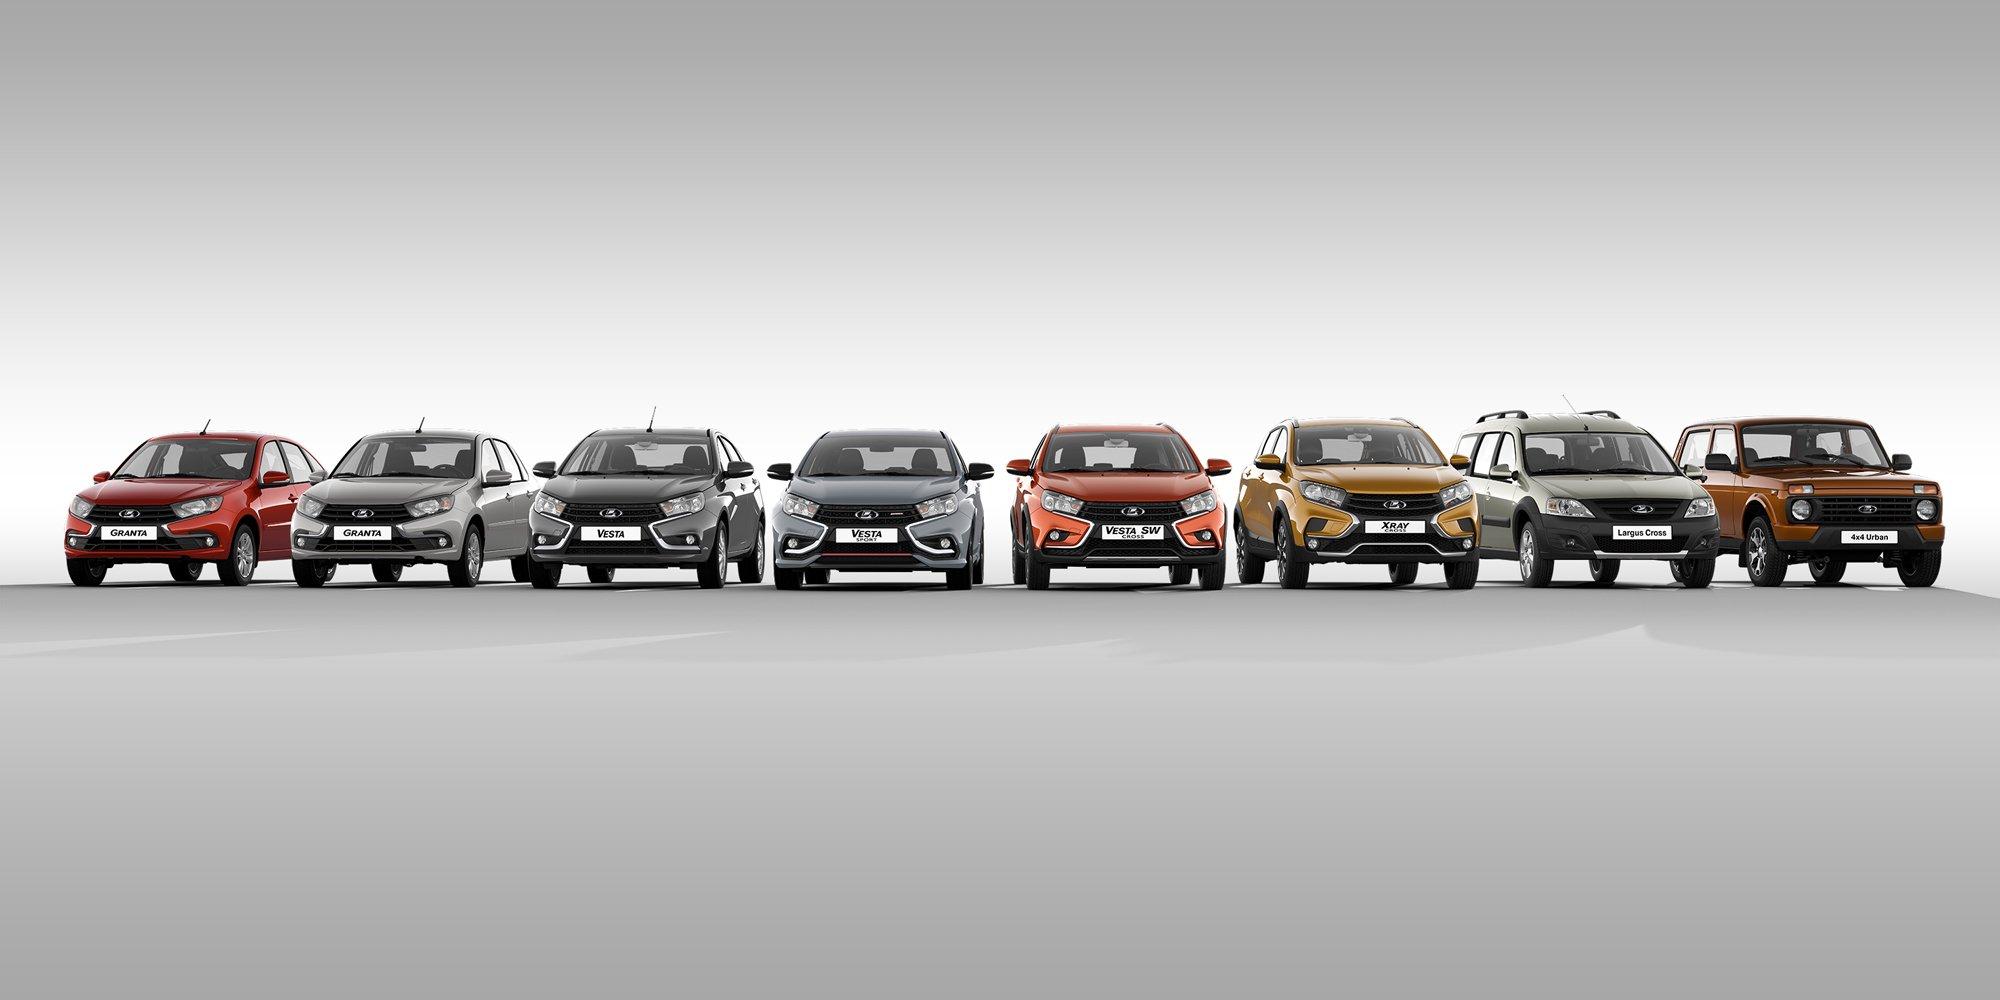 Продажи автомобилей Lada рухнули в 3 раза